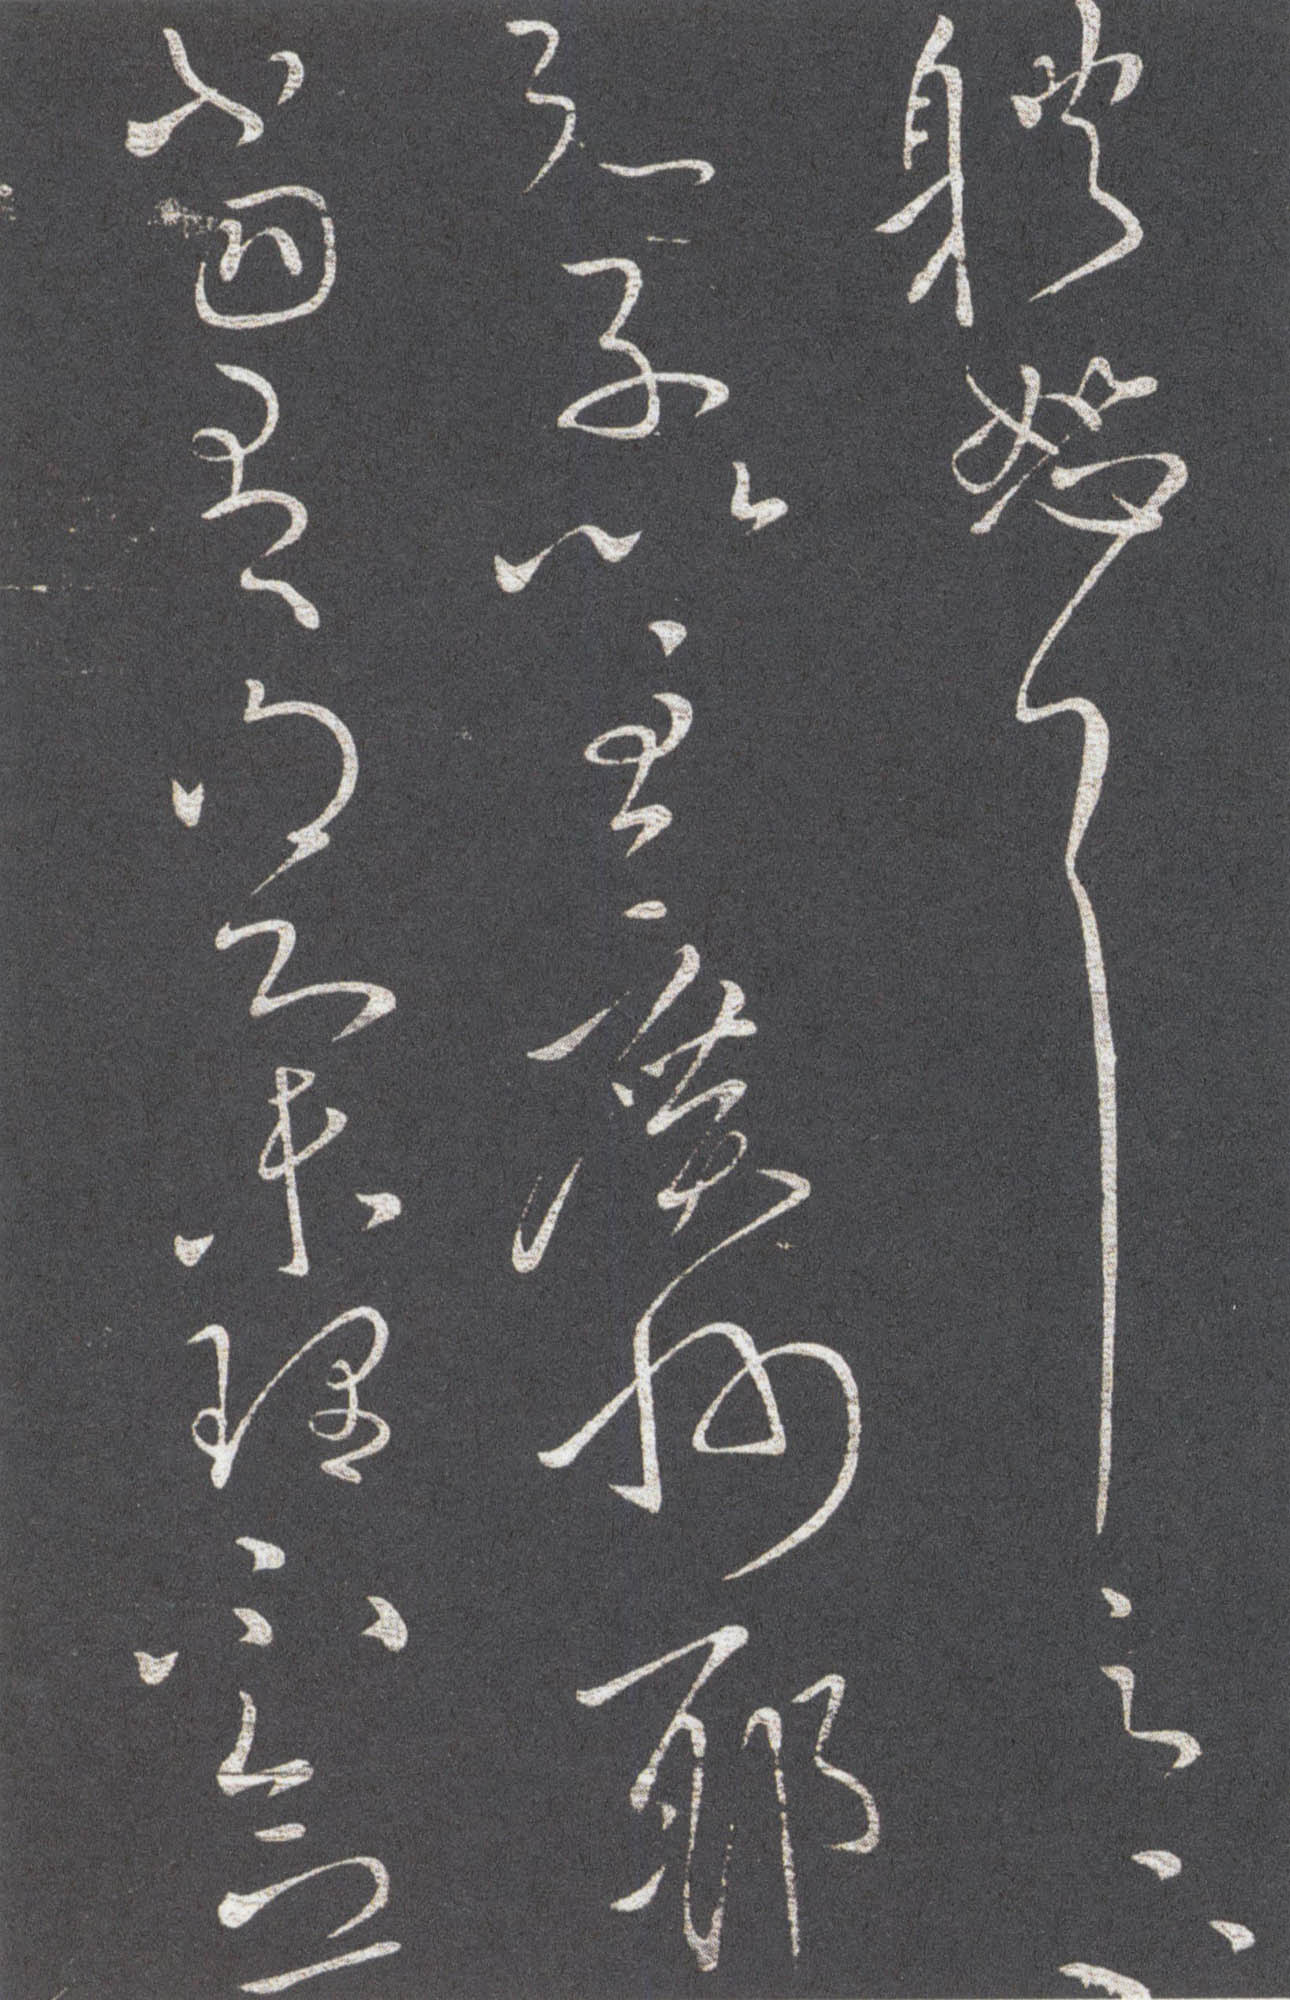 Wang Xian Zhi calligraphy in Caoshu style